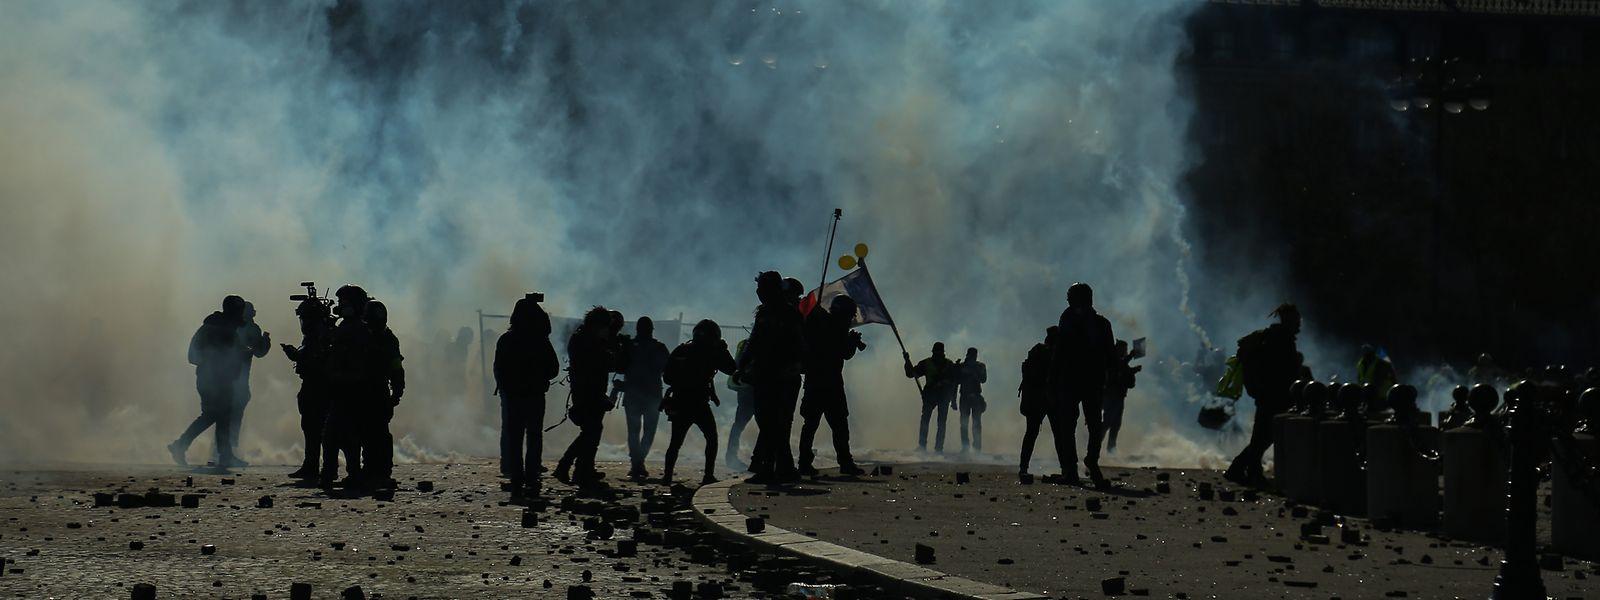 Bereitschaftspolizisten und Demonstranten sind in Rauchschwaden gehüllt.